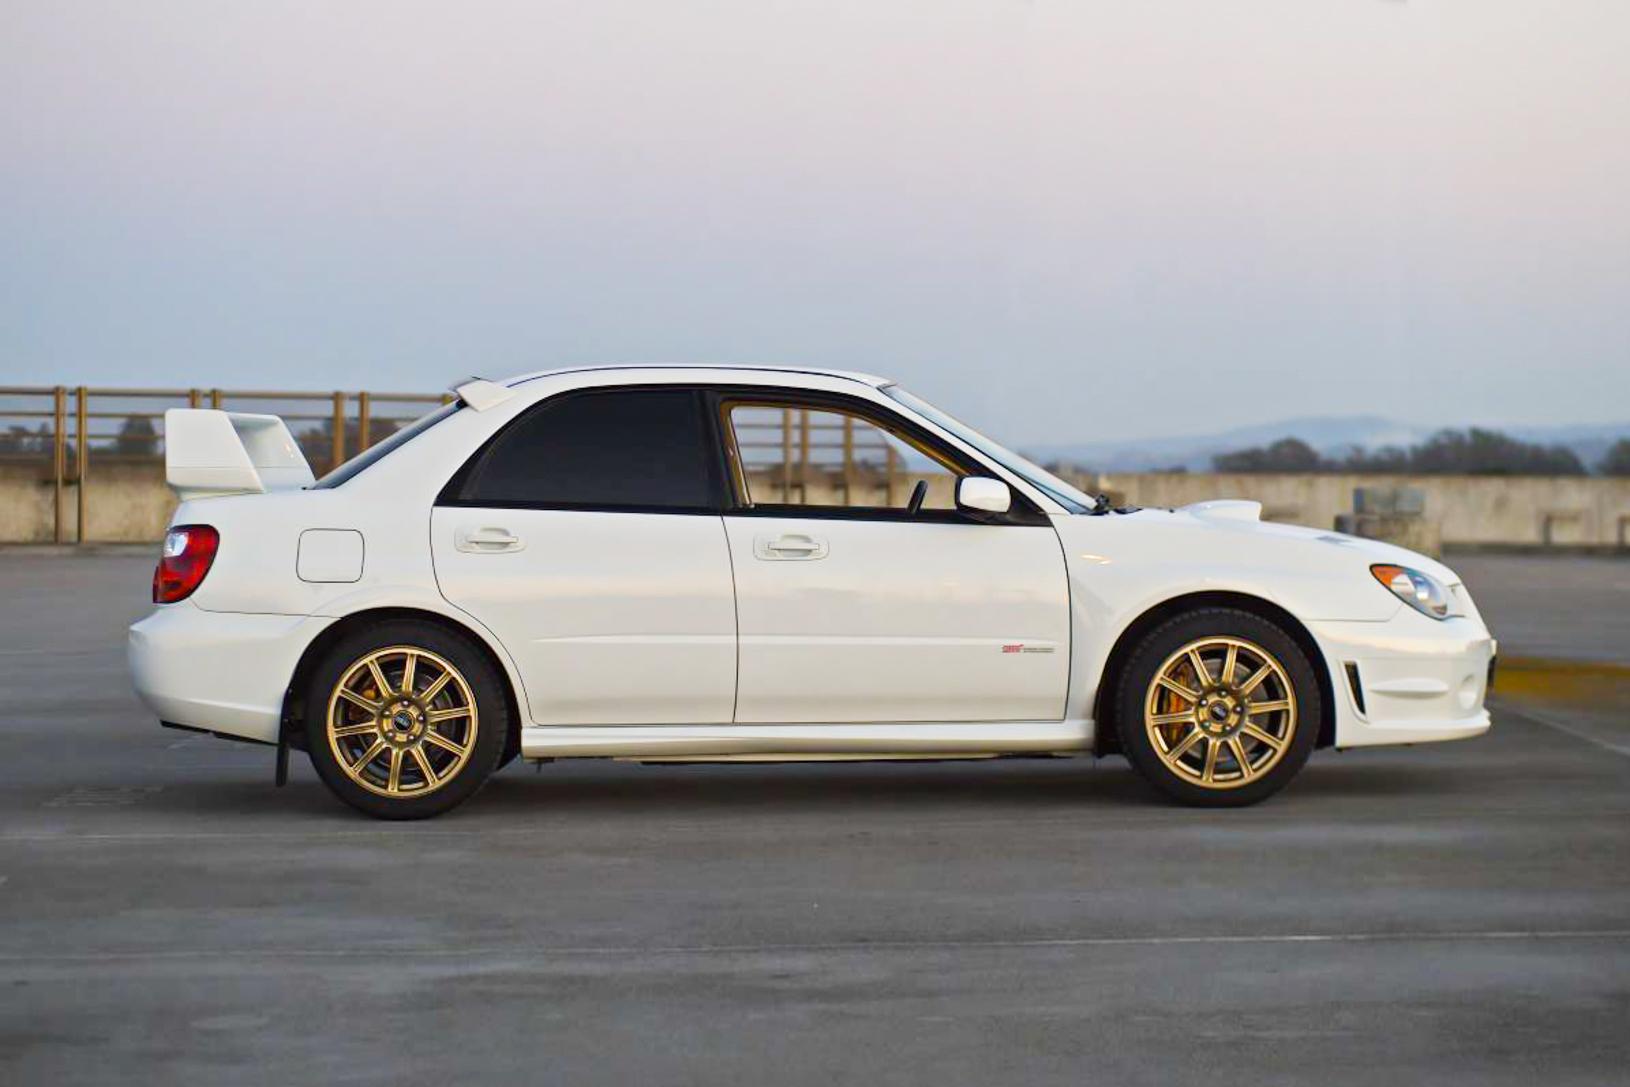 2006 Subaru STi